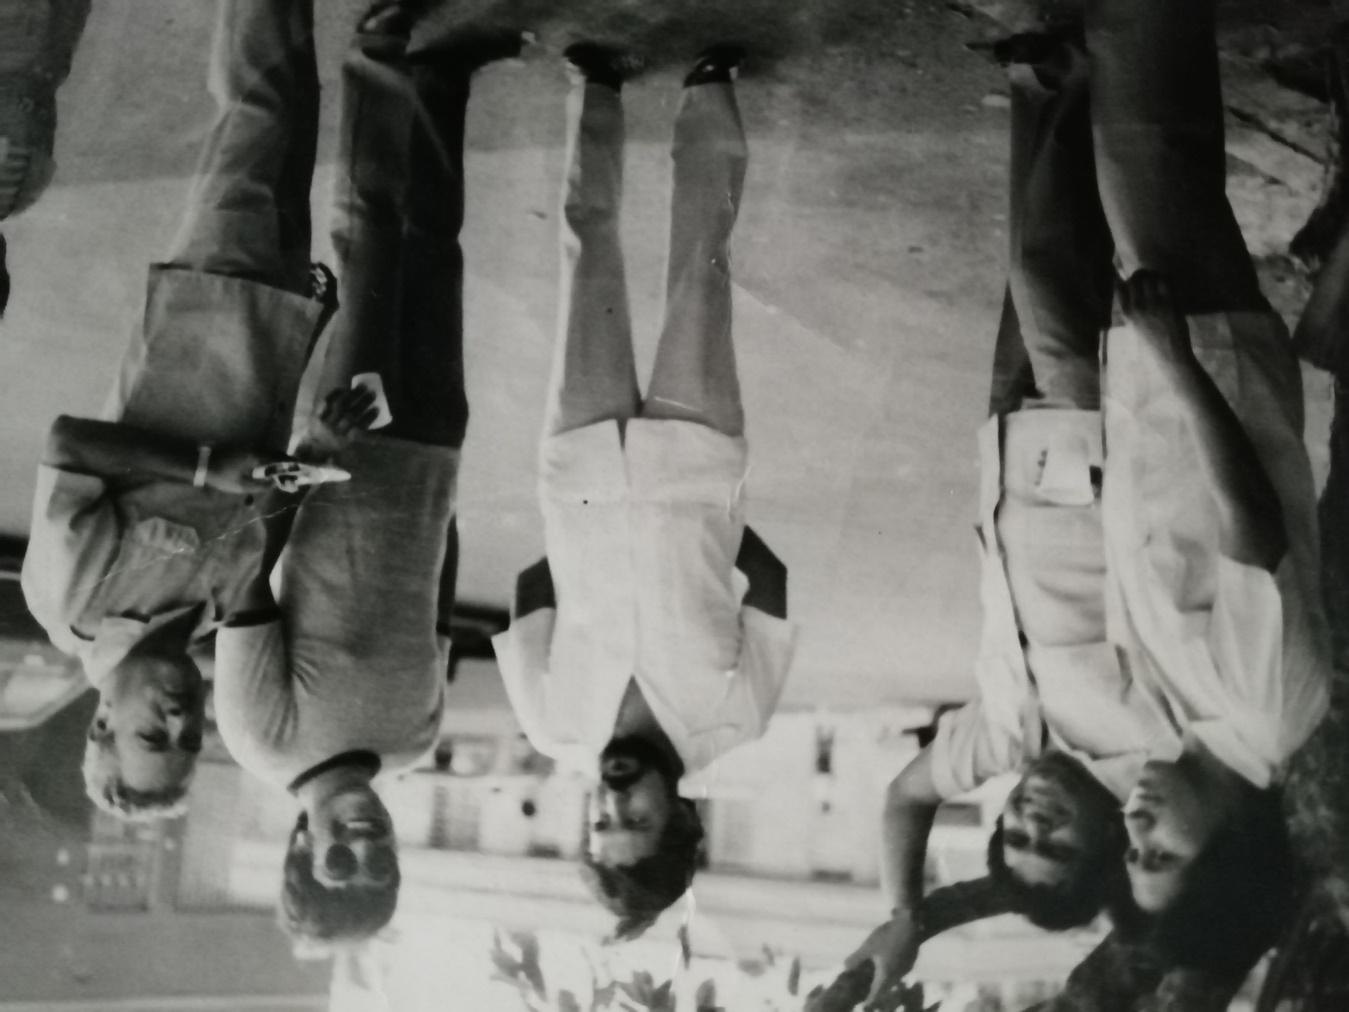 Foto en blanco y negro de un grupo de personas de pie  Descripción generada automáticamente con confianza media